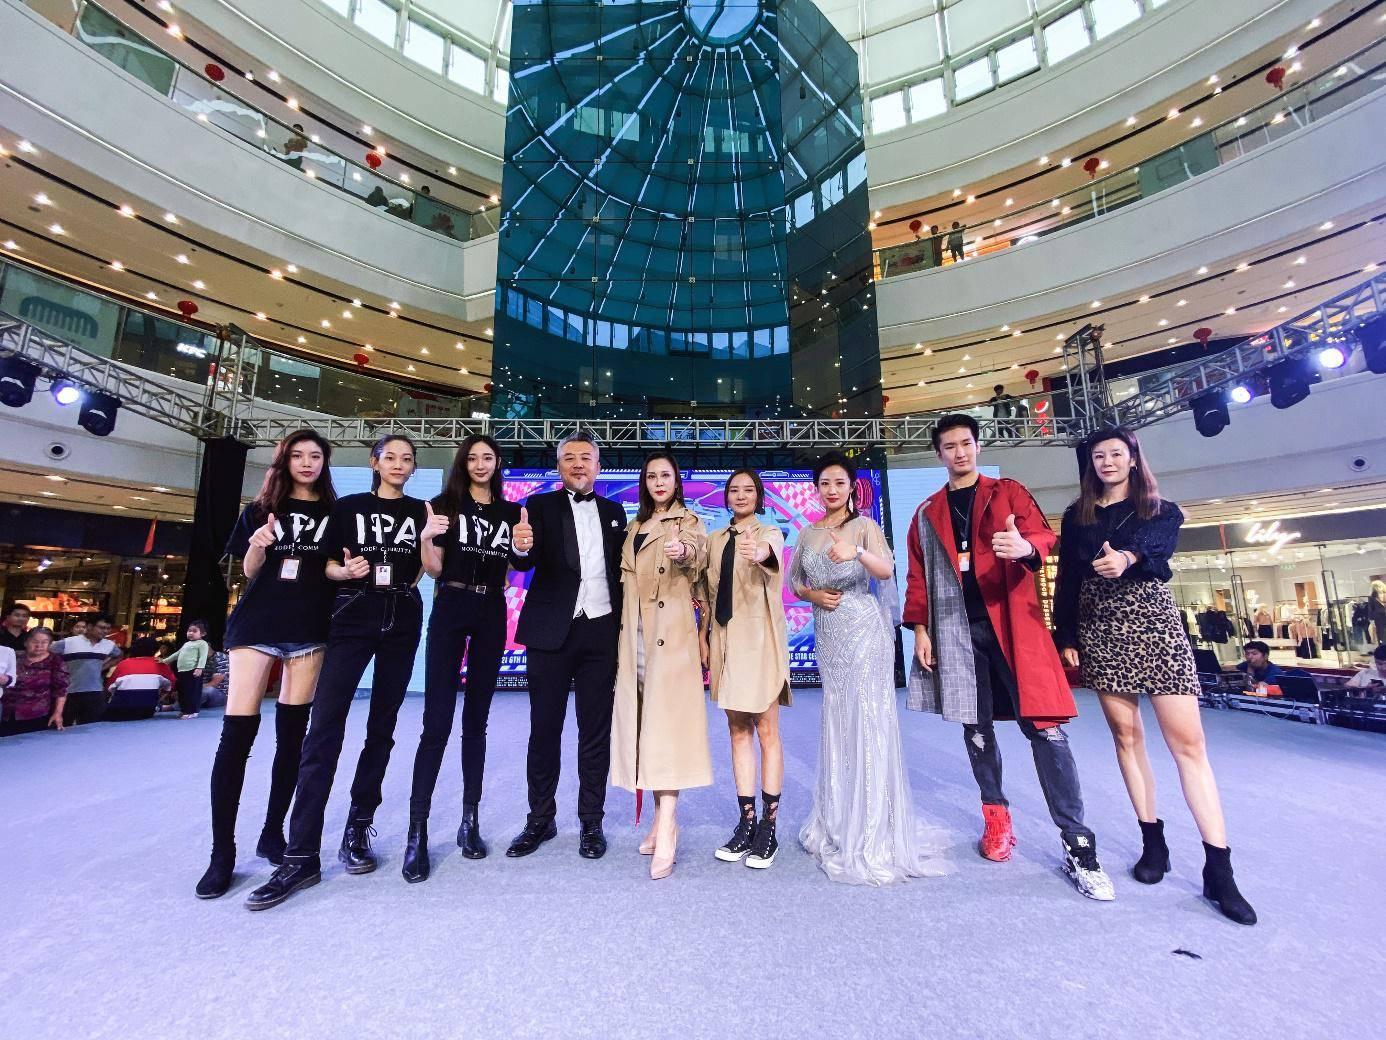 2021第六届国际少儿模特明星盛典 徐州赛区 海选赛圆满落幕